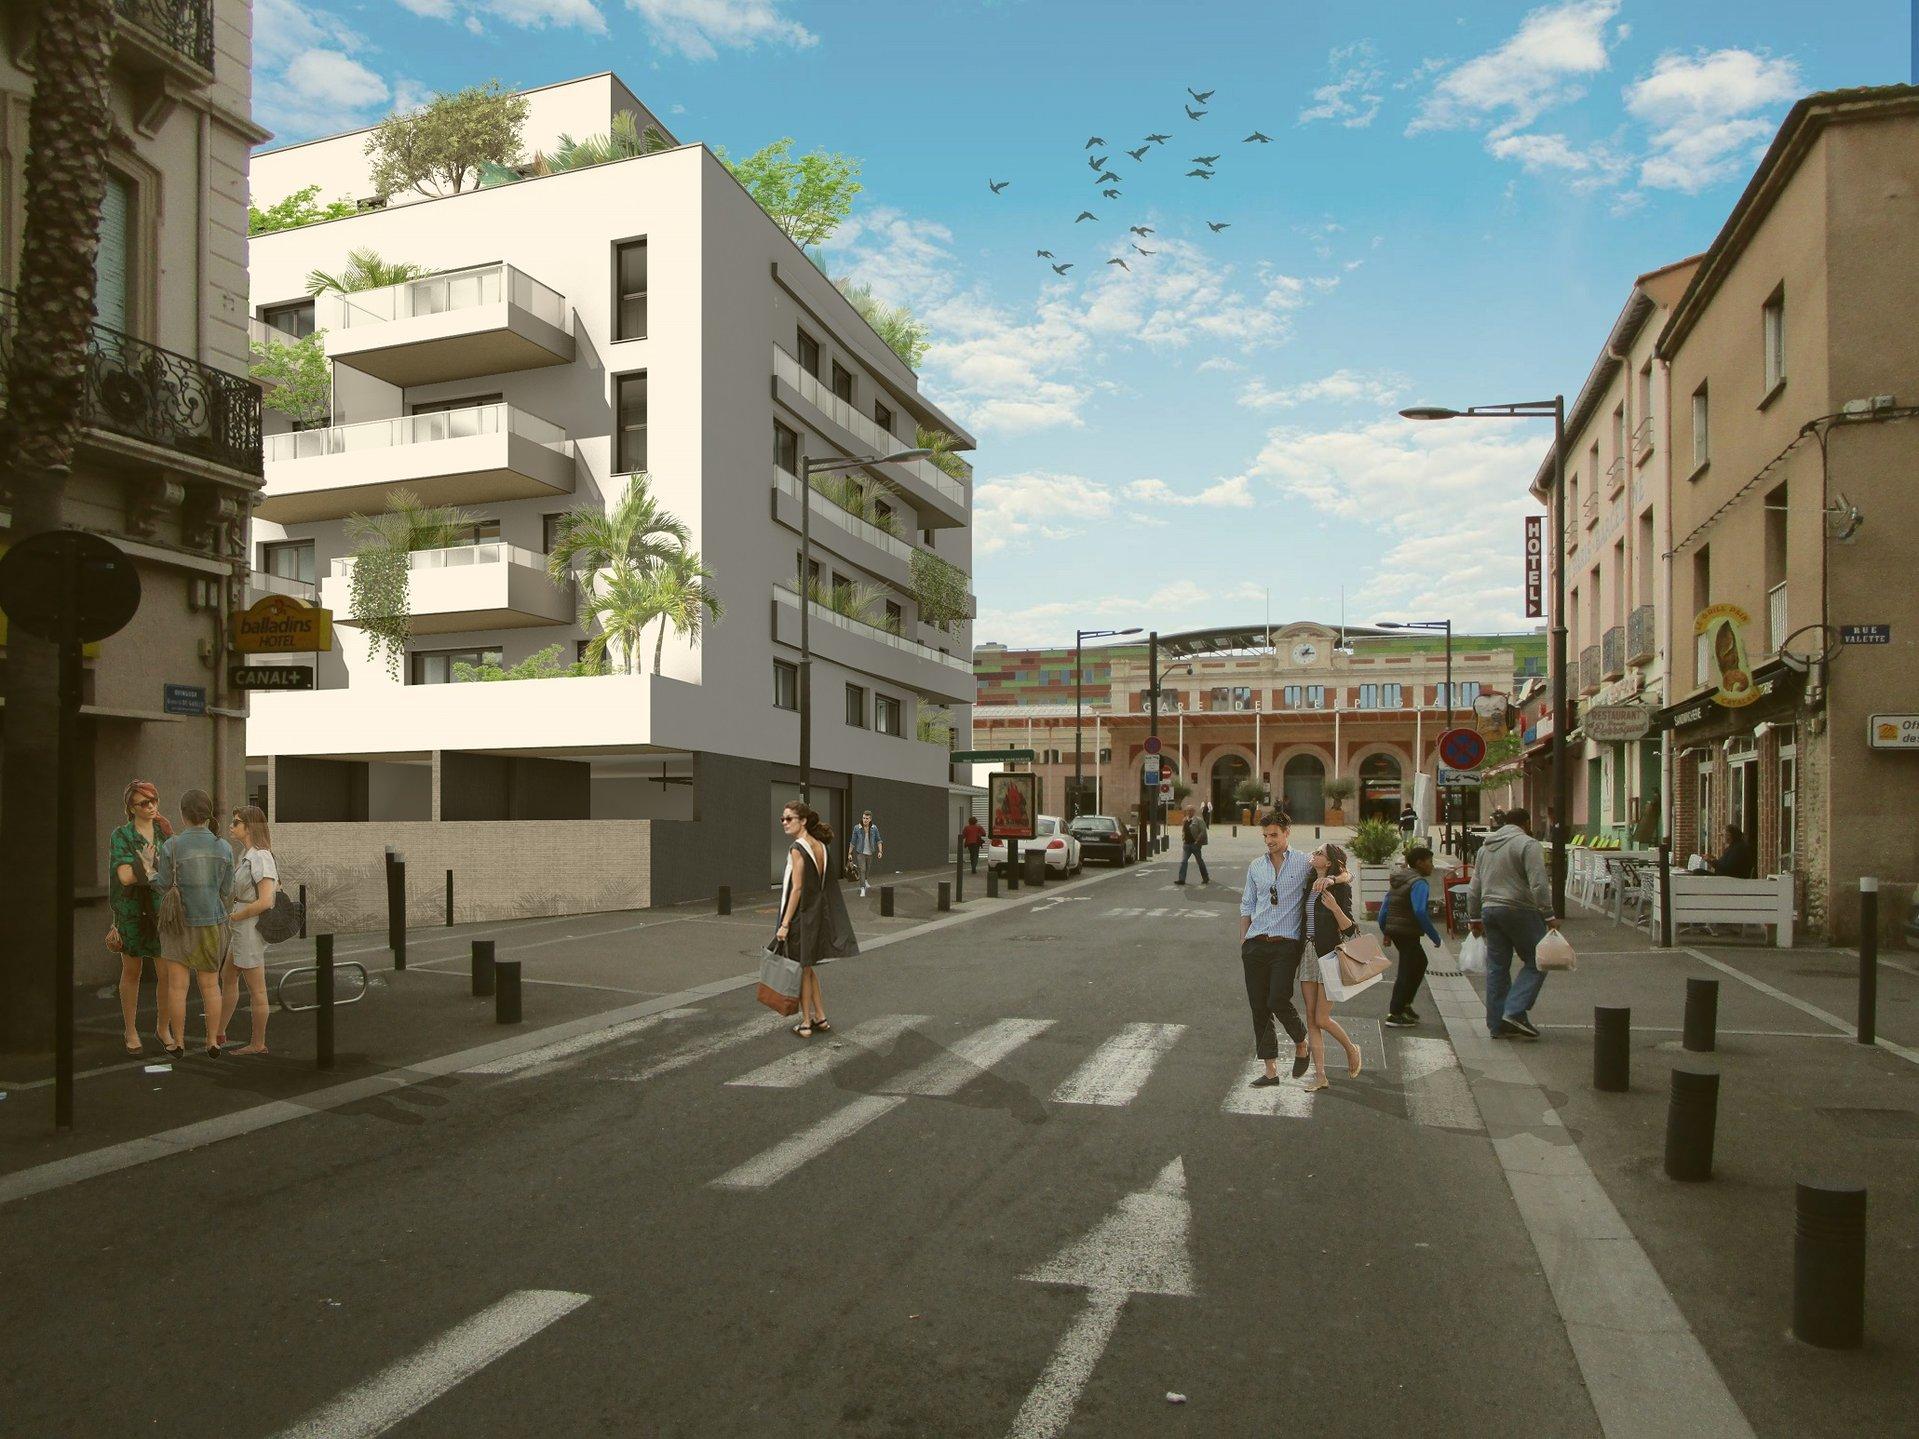 A vendre à Perpignan T3 en VEFA , résidence de standing!